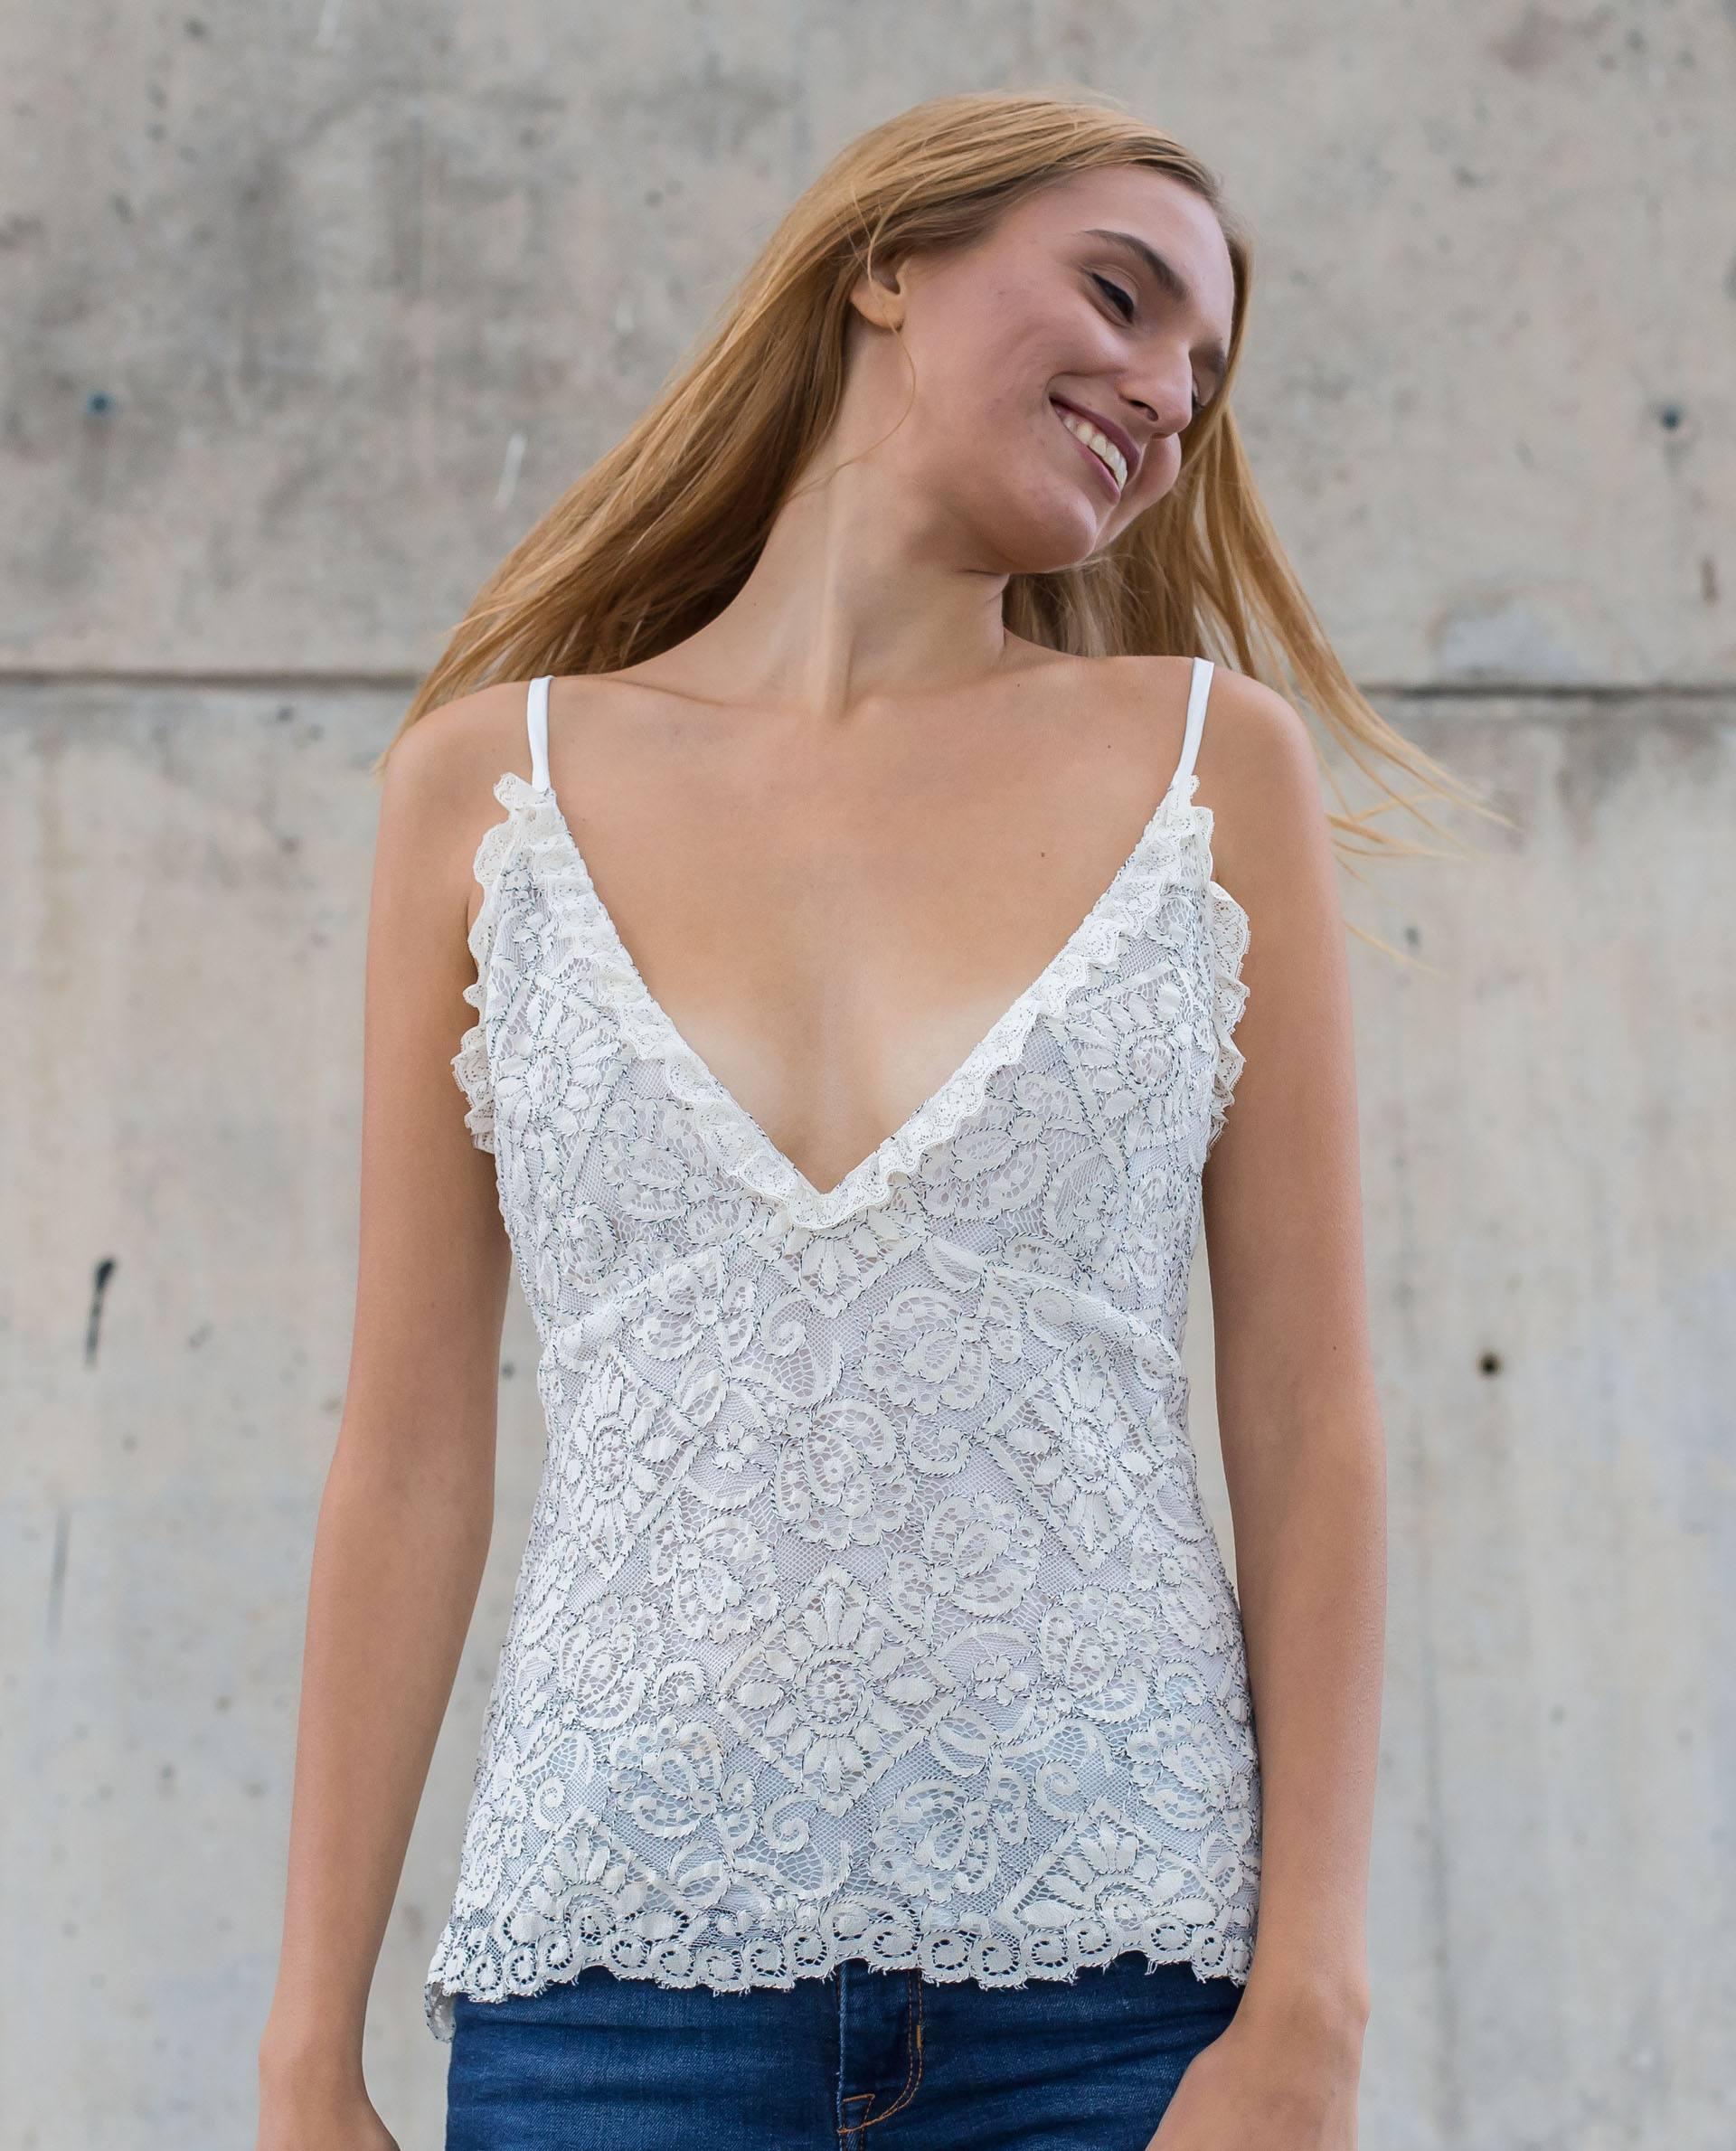 PRÊT À PORTER-SPRING/SUMMER 2018 - TOPS - Top blanco de encaje con tirante y escote en v